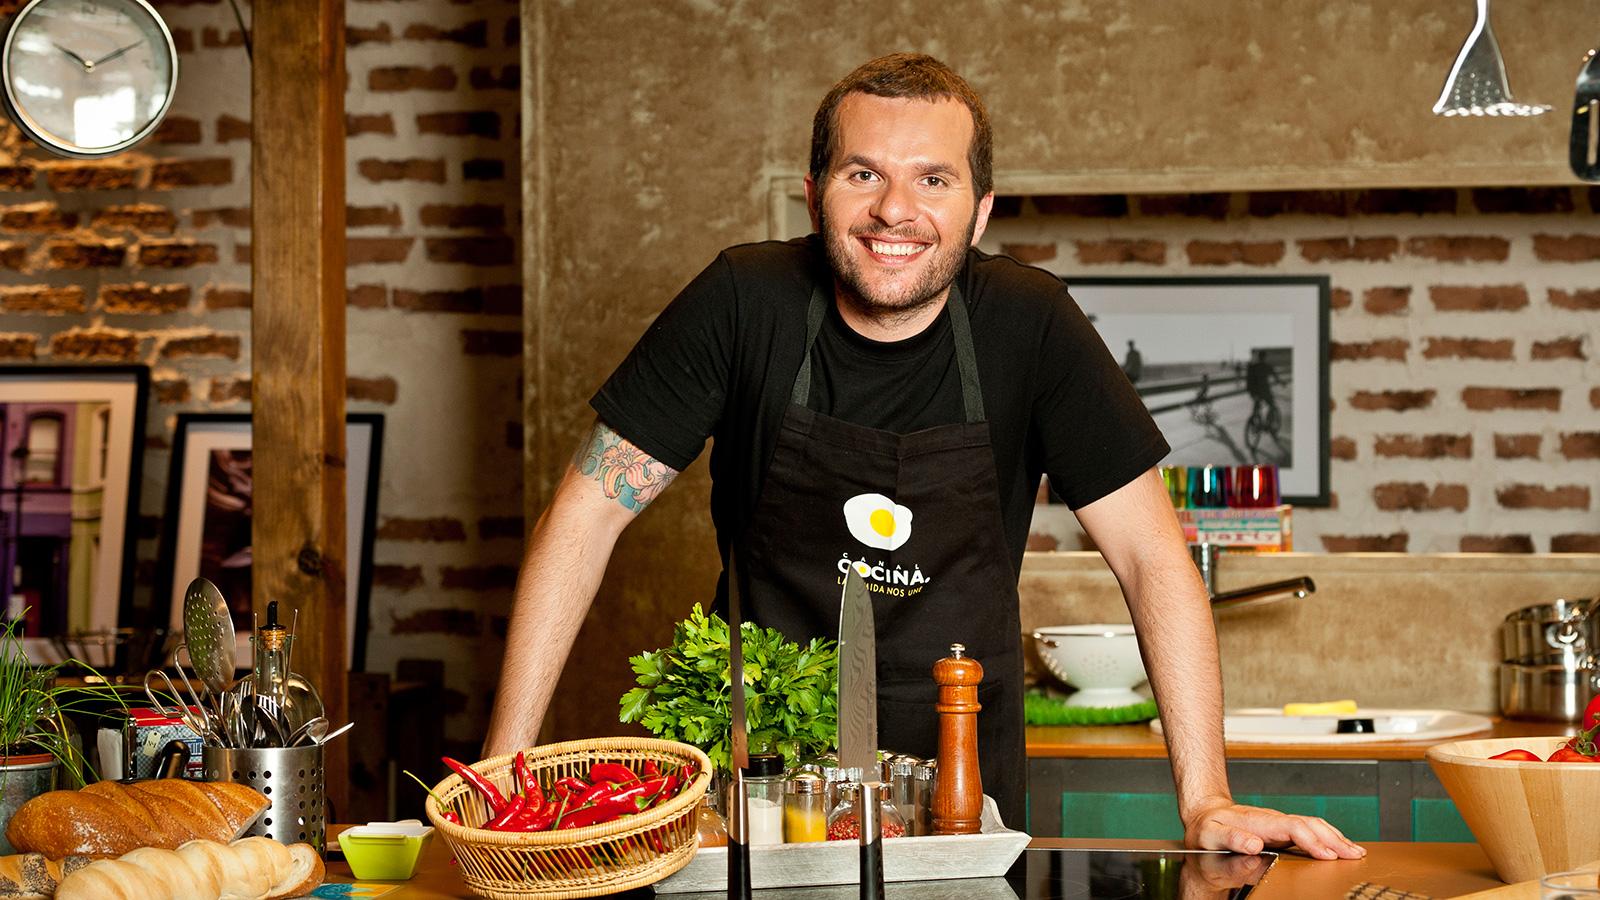 Nicola poltronieri cocineros canal cocina for Canal cocina cocina de familia